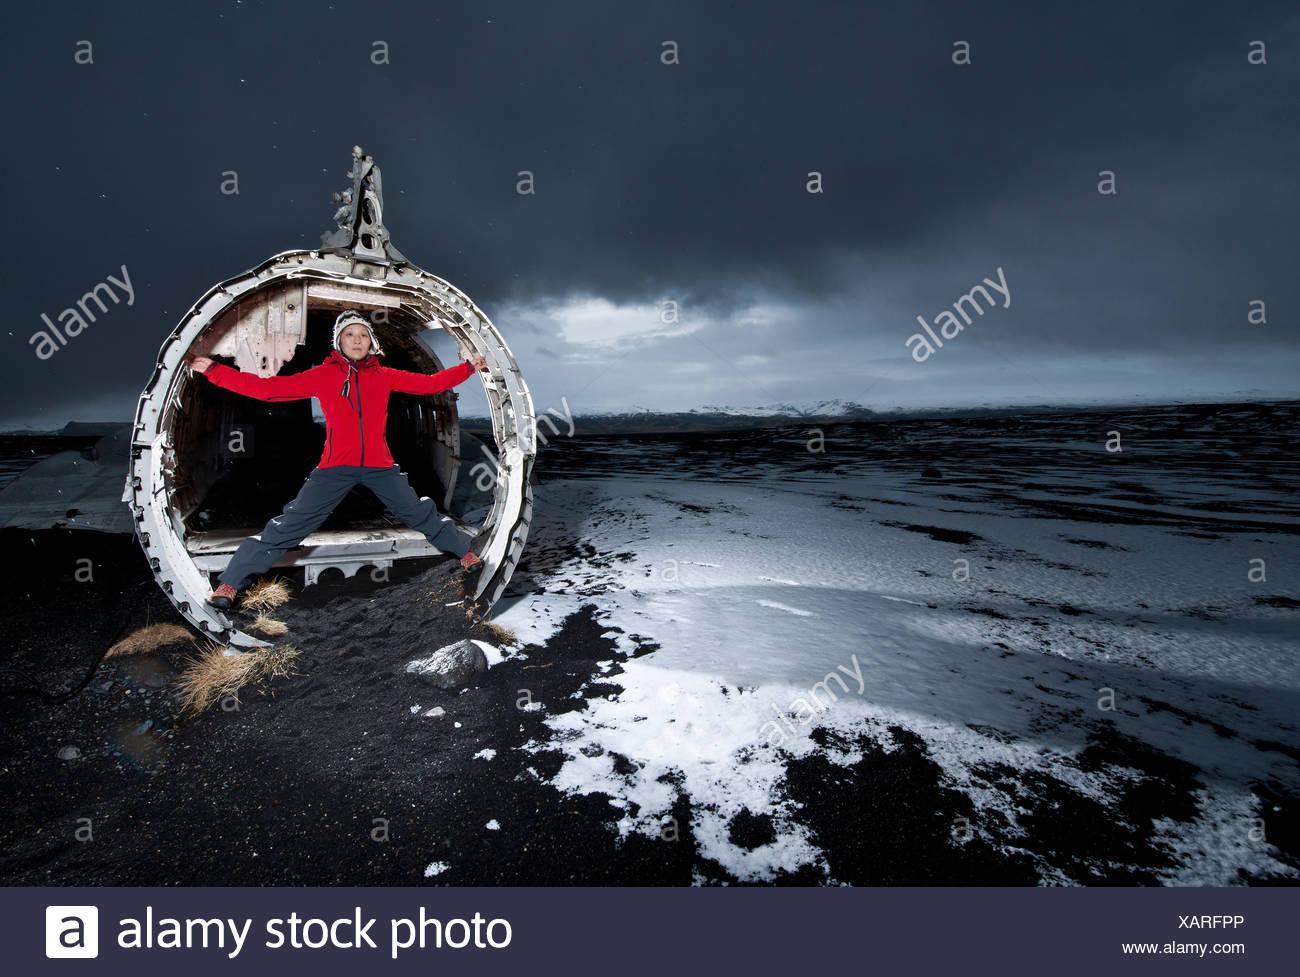 Escursionista in piedi nel relitto aereo nella neve Immagini Stock